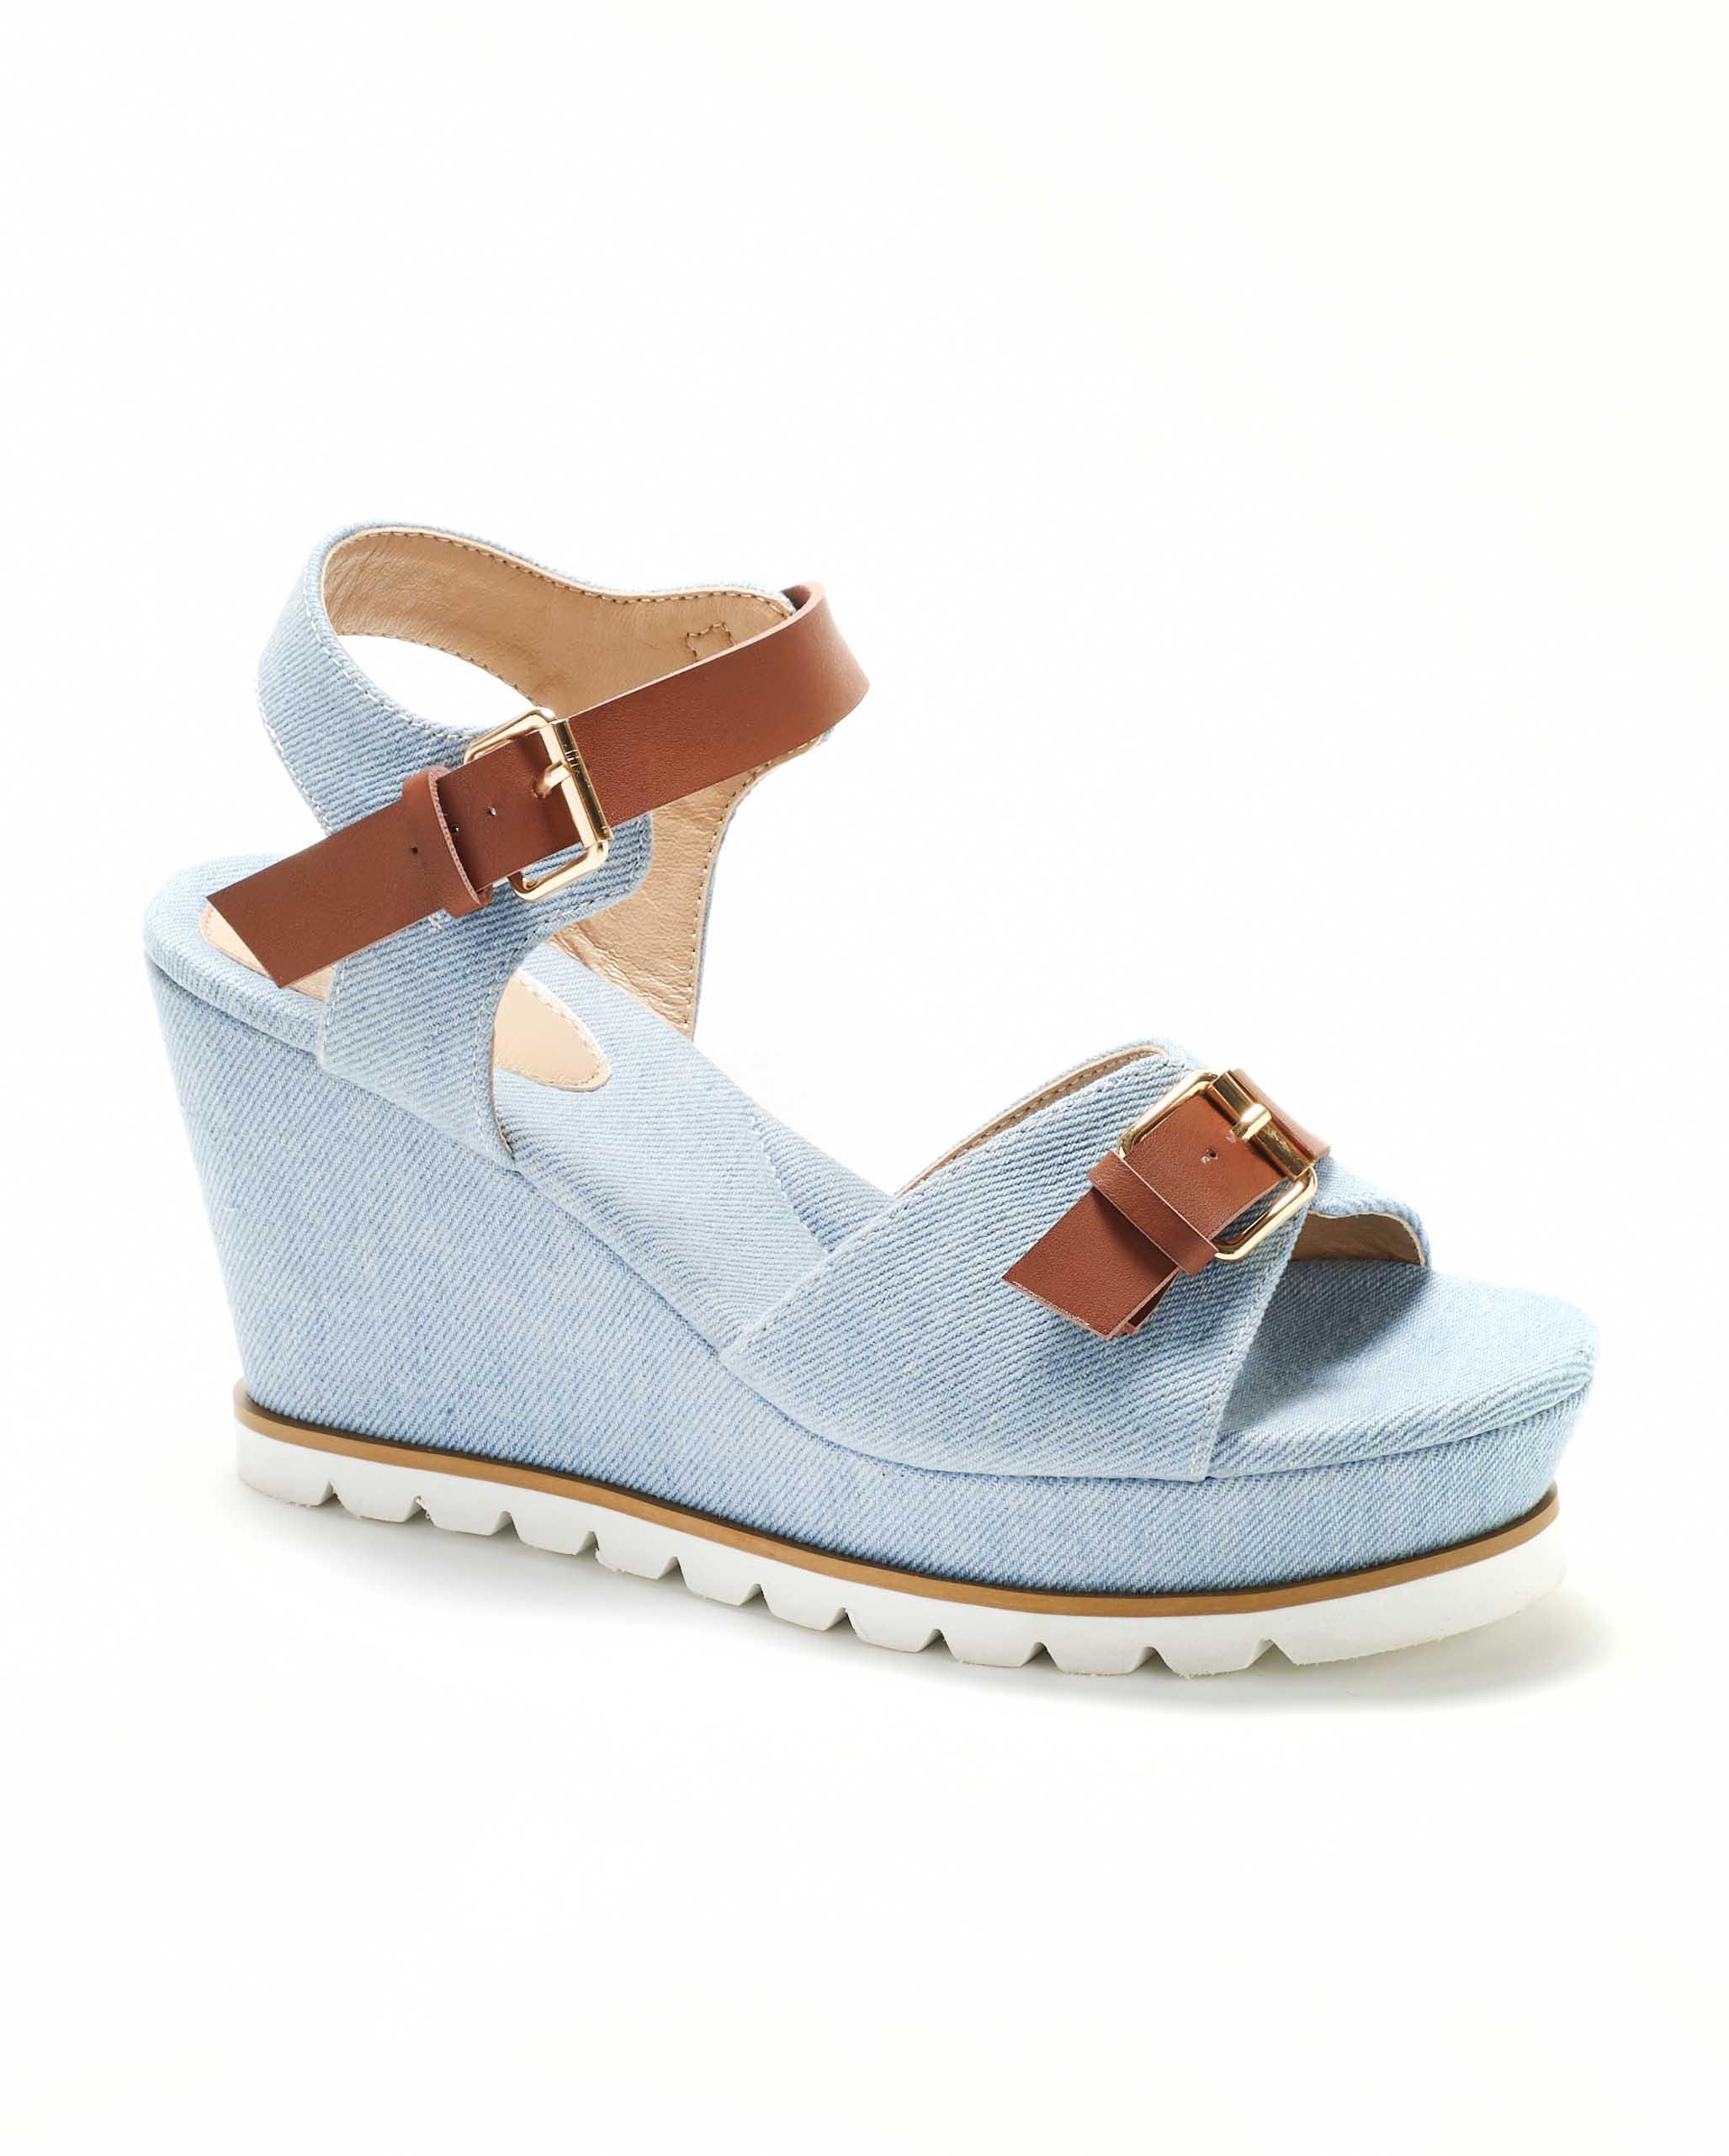 Sandales Compensées Femme - Sandale Talon Compensee Denim Clair Jina - Cy17-1